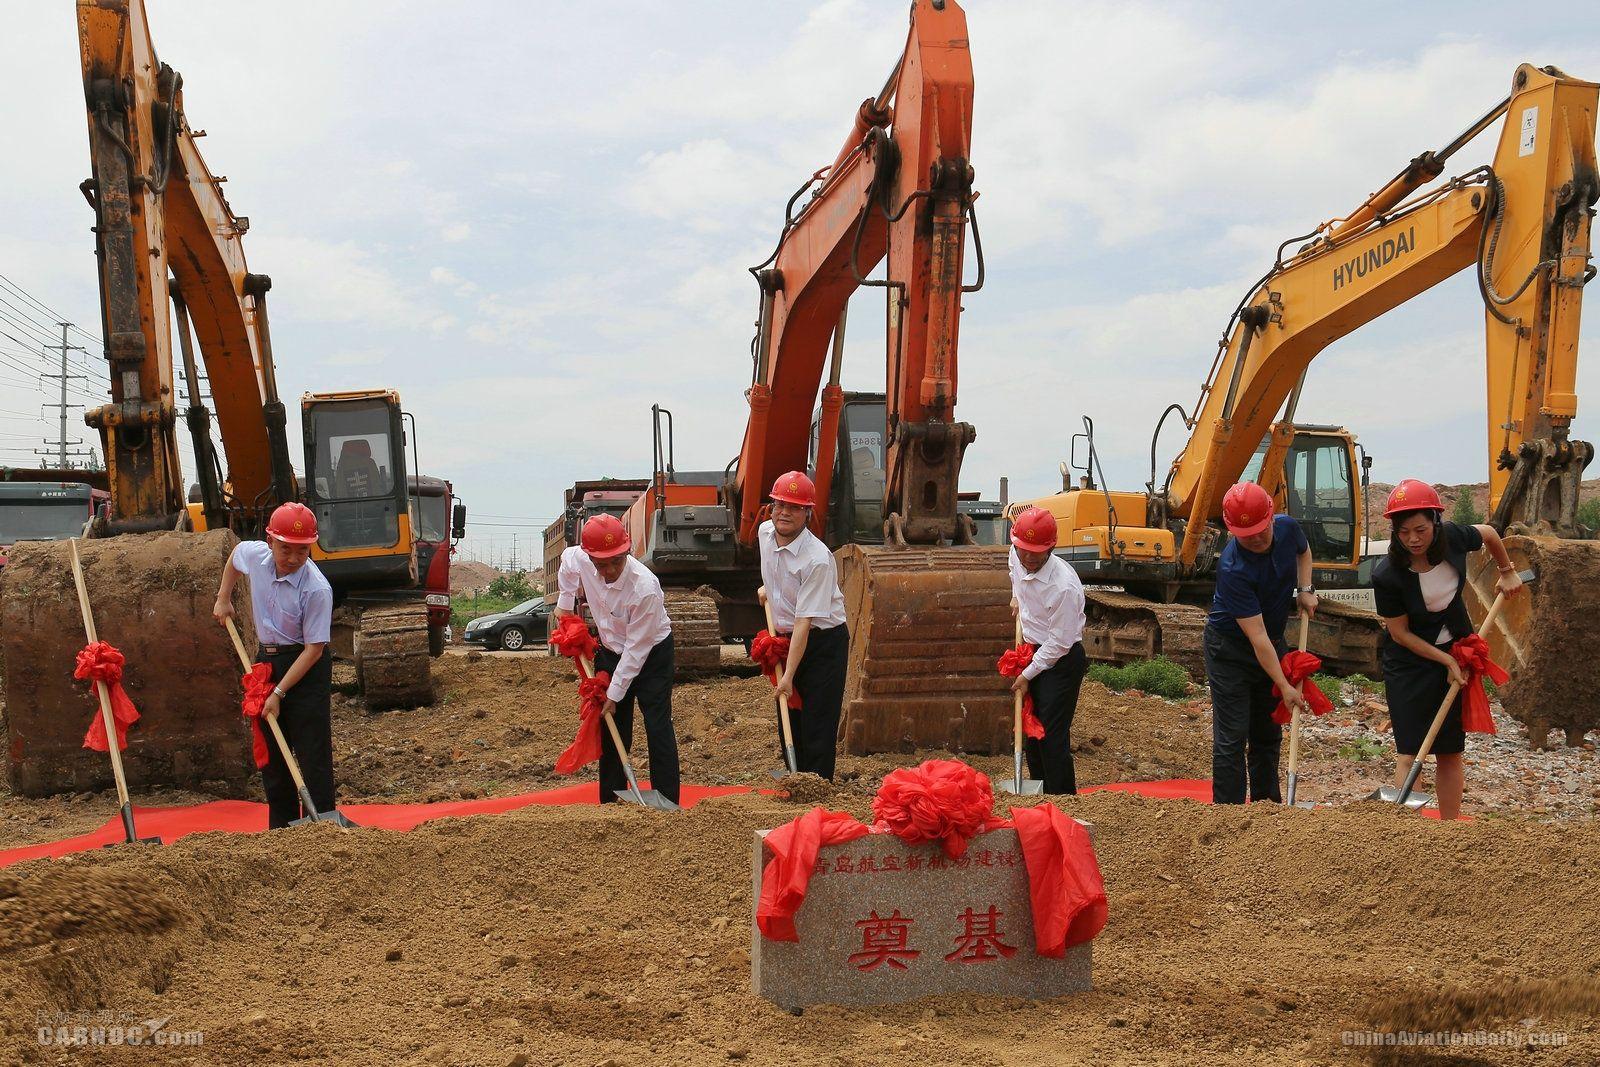 青岛航空胶东国际机场基地建设项目正式开工启动